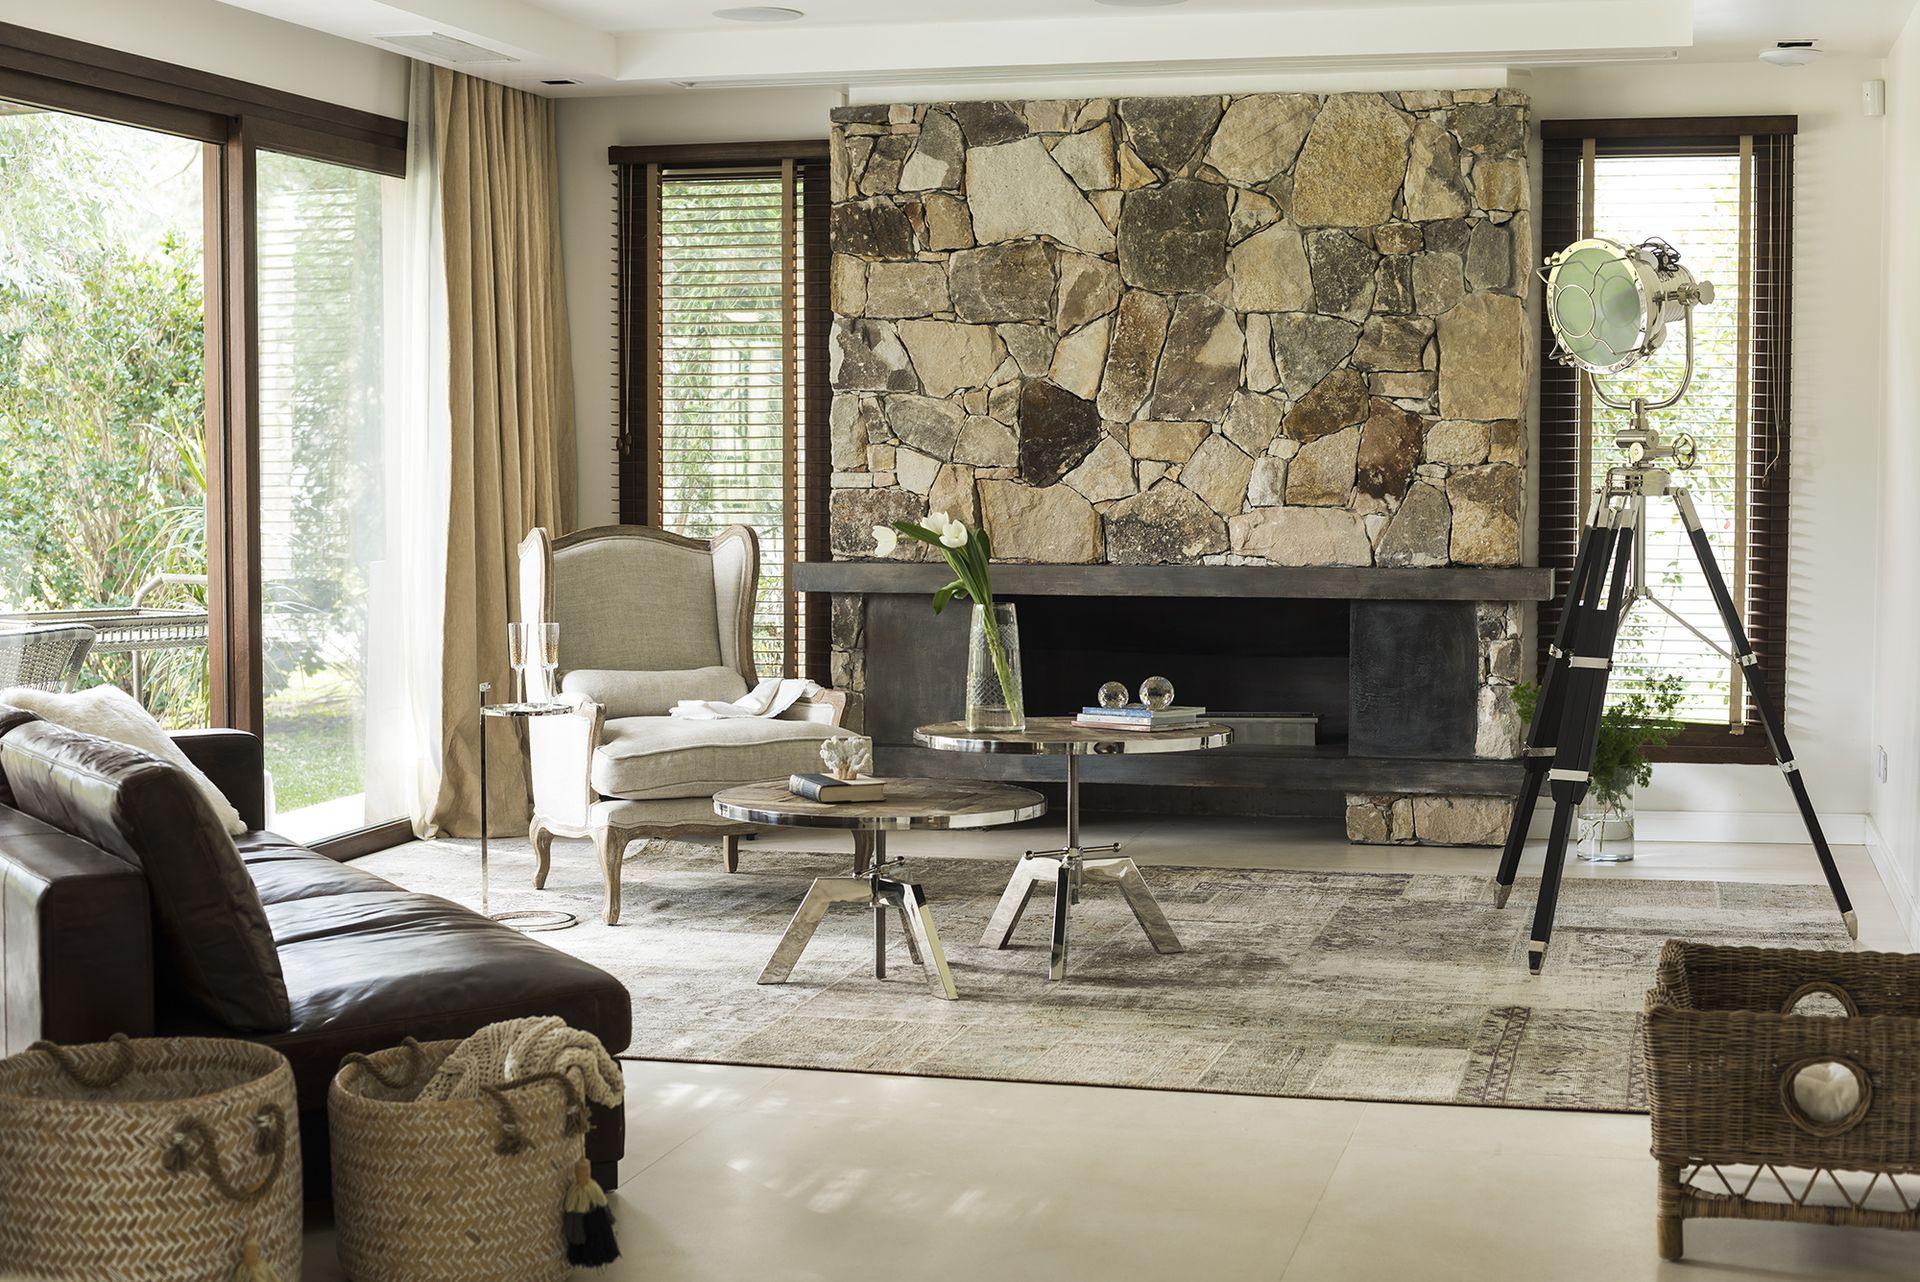 En el living, sillón 'Marseilles' de roble platinado y lino, sofá 'Lincoln' de cuero, mesas ratonas de altura regulable con patas cromadas y tapa de roble, y lámpara trípode 'Allen Good' (todo de Landmark) sobre alfombra patchwork 'Persia' (Mihran).